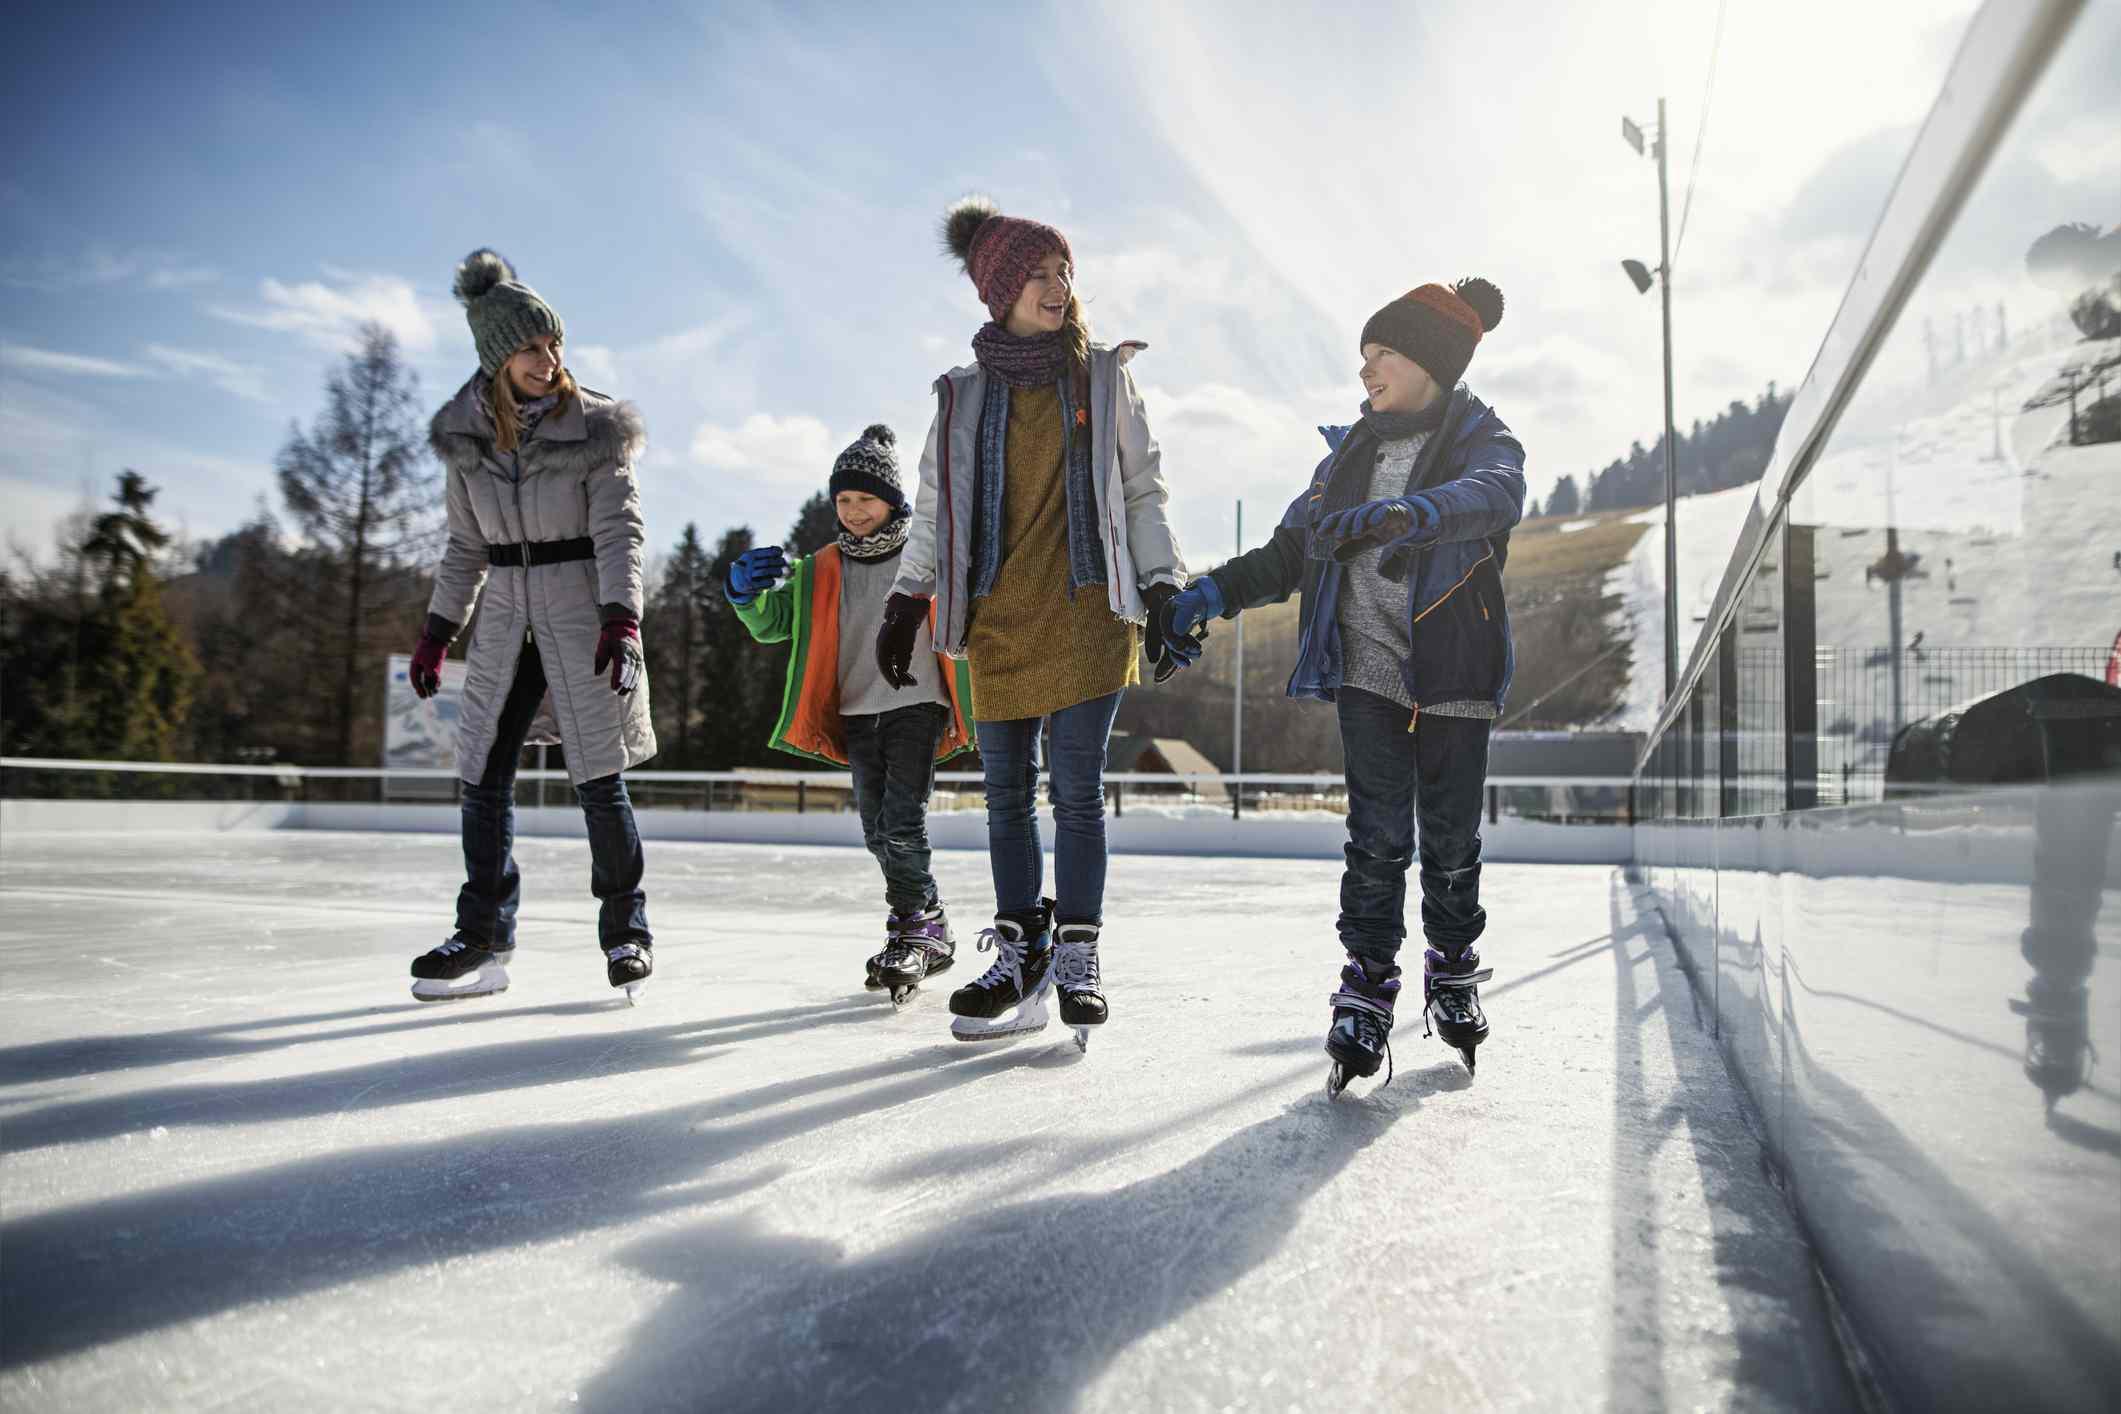 Family enjoying ice-skating together